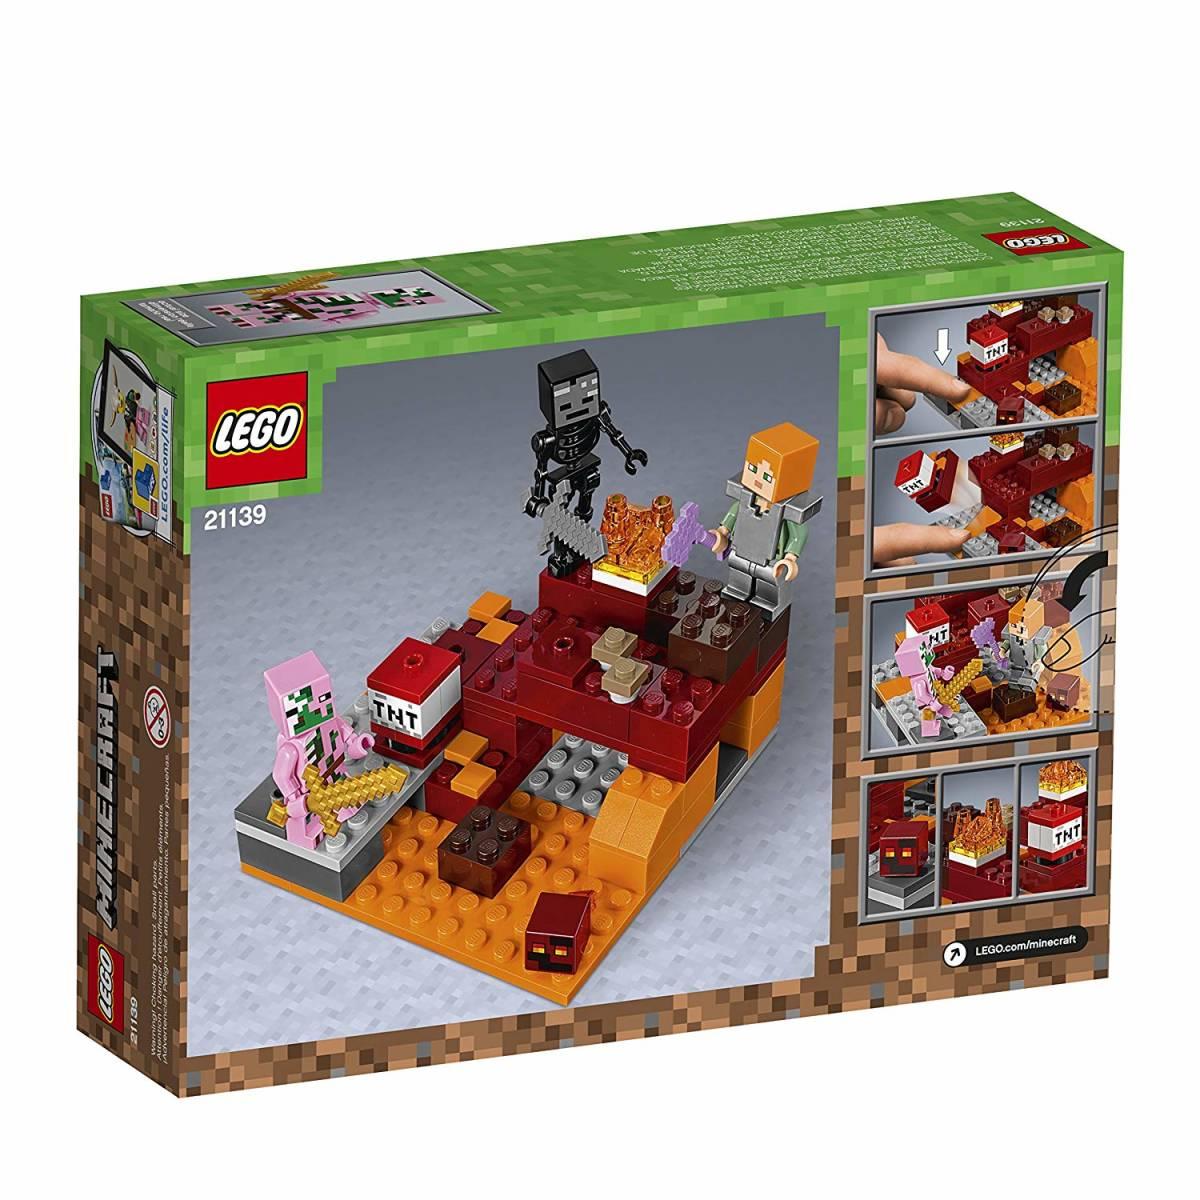 正規品 レゴ マインクラフト 暗黒界の戦い 21139 ネザー LEGO ミニフィグ ミニフィギュア_画像3